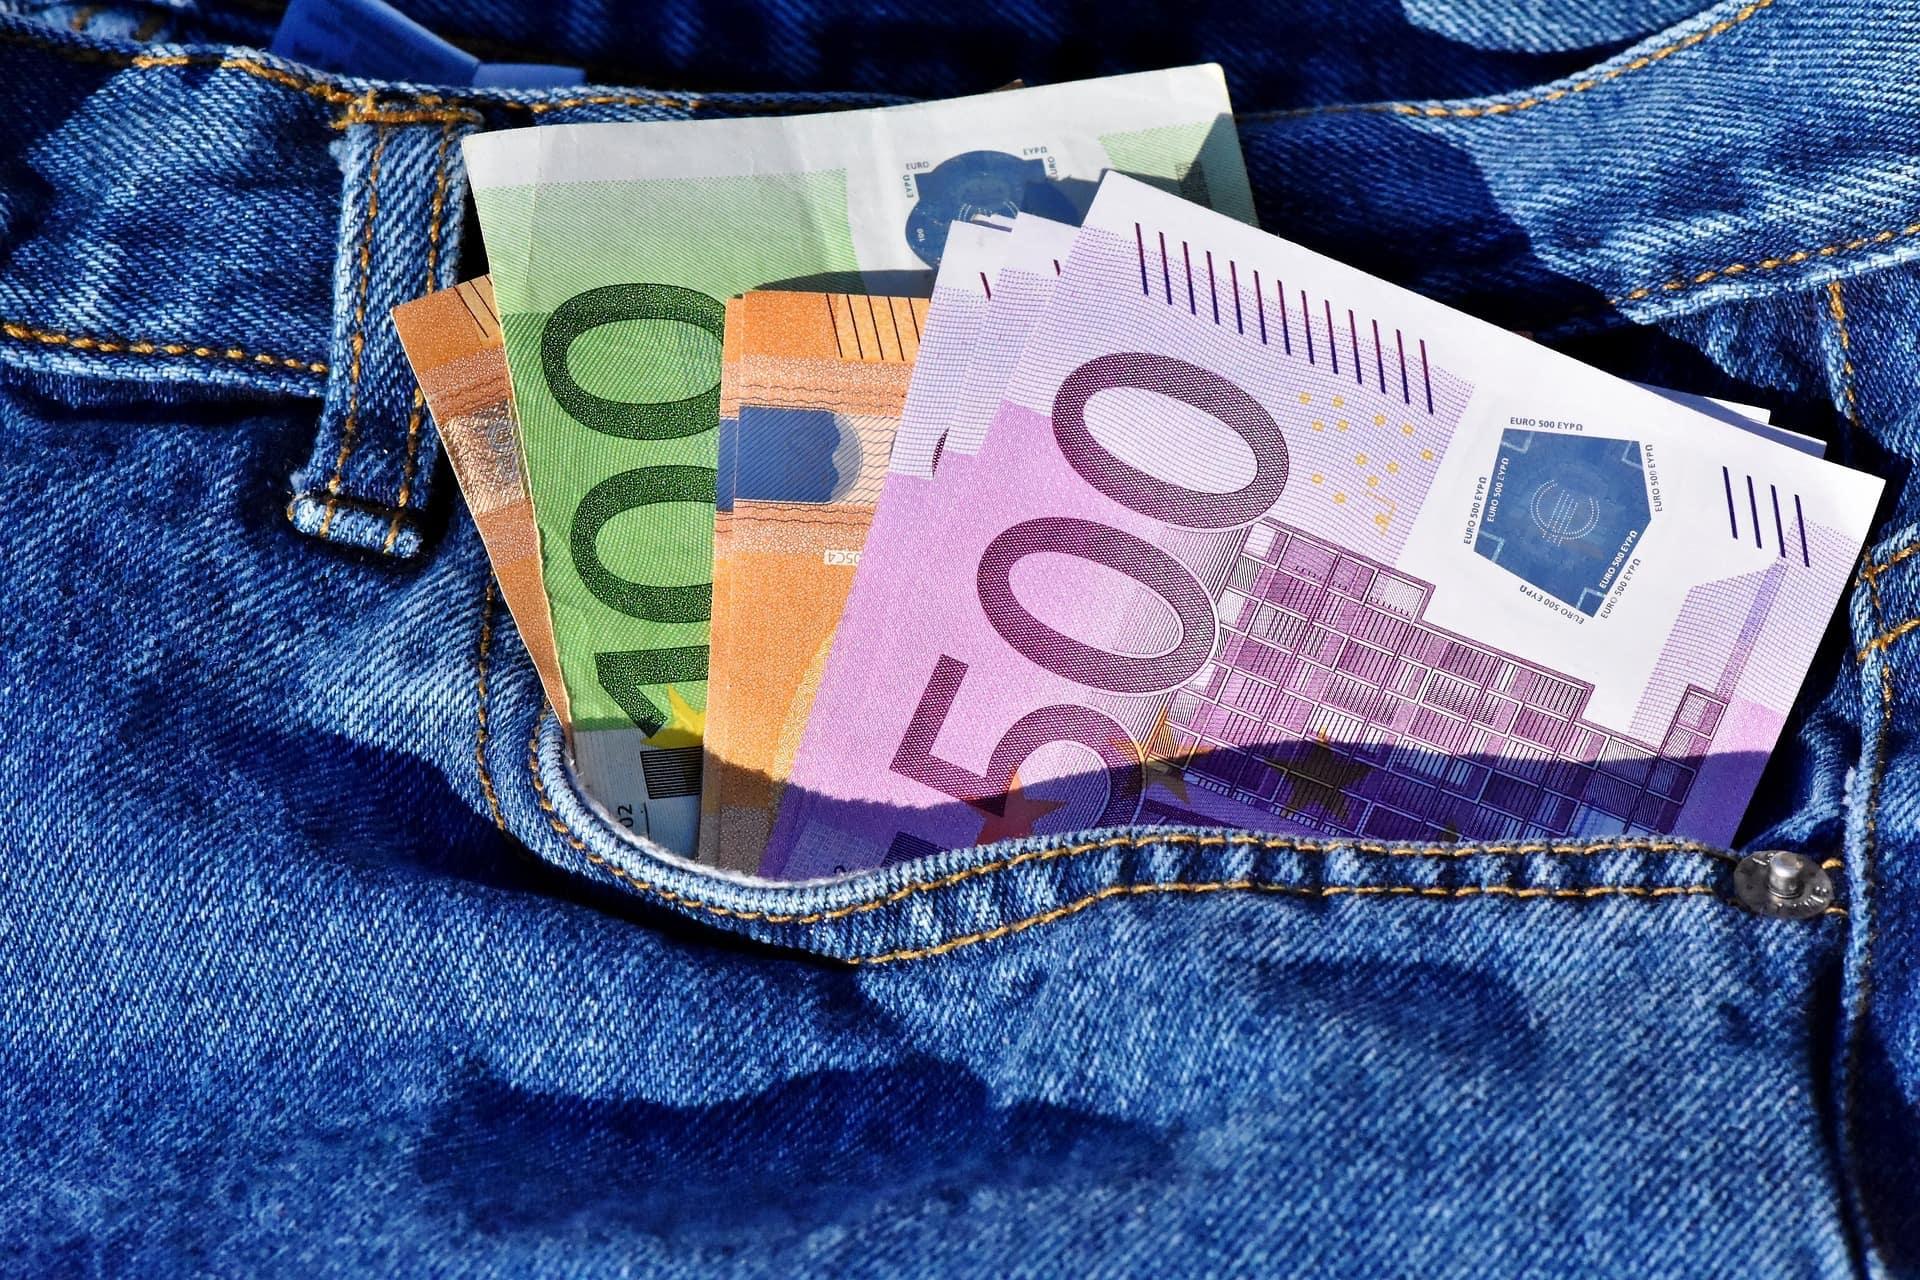 Geld Geldschein Banknote Zahlungsmittel Bündel - (c) Pixabay